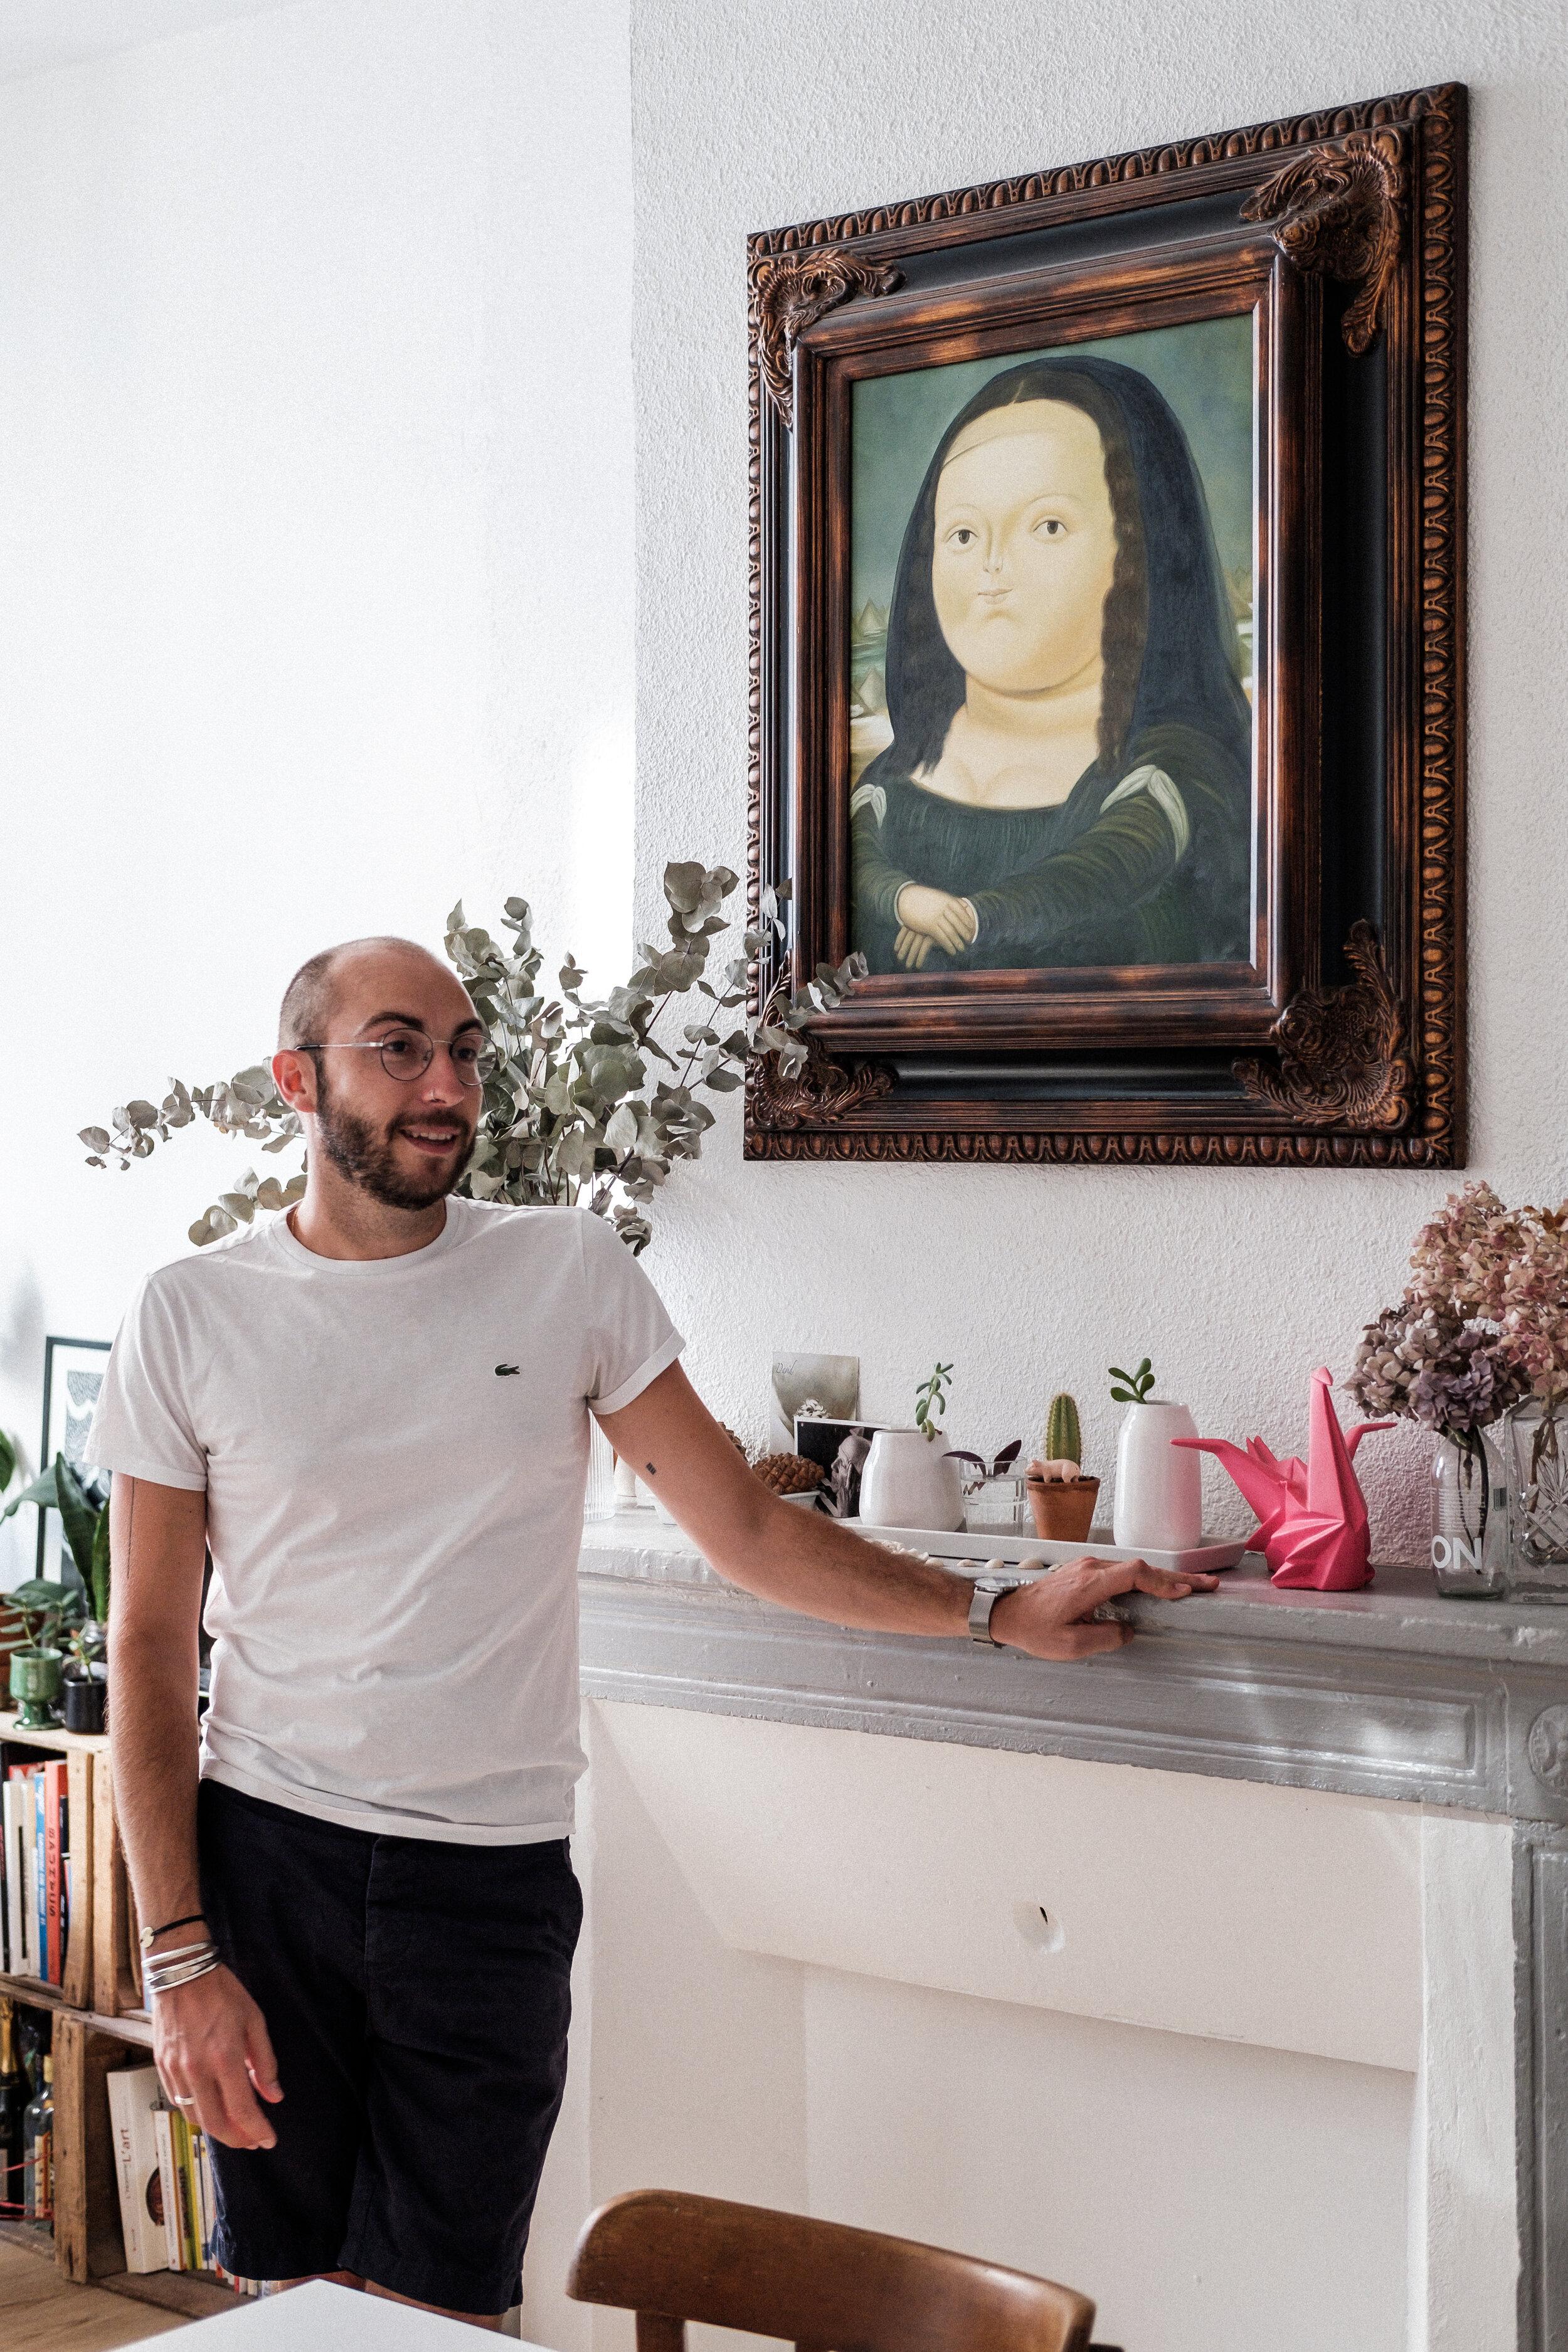 PORTRAIT : GUILLAUME, LYON 1er   Vous croyez au coup de foudre ? Guillaume en a eu un il y a quelques années avec Mona Lisa. Au détour d'un trajet pour rentrer chez lui, il tombe nez à nez sur cette peinture de Botero. « Mona Lisa, Age Twelve » ne l'a plus jamais quitté…